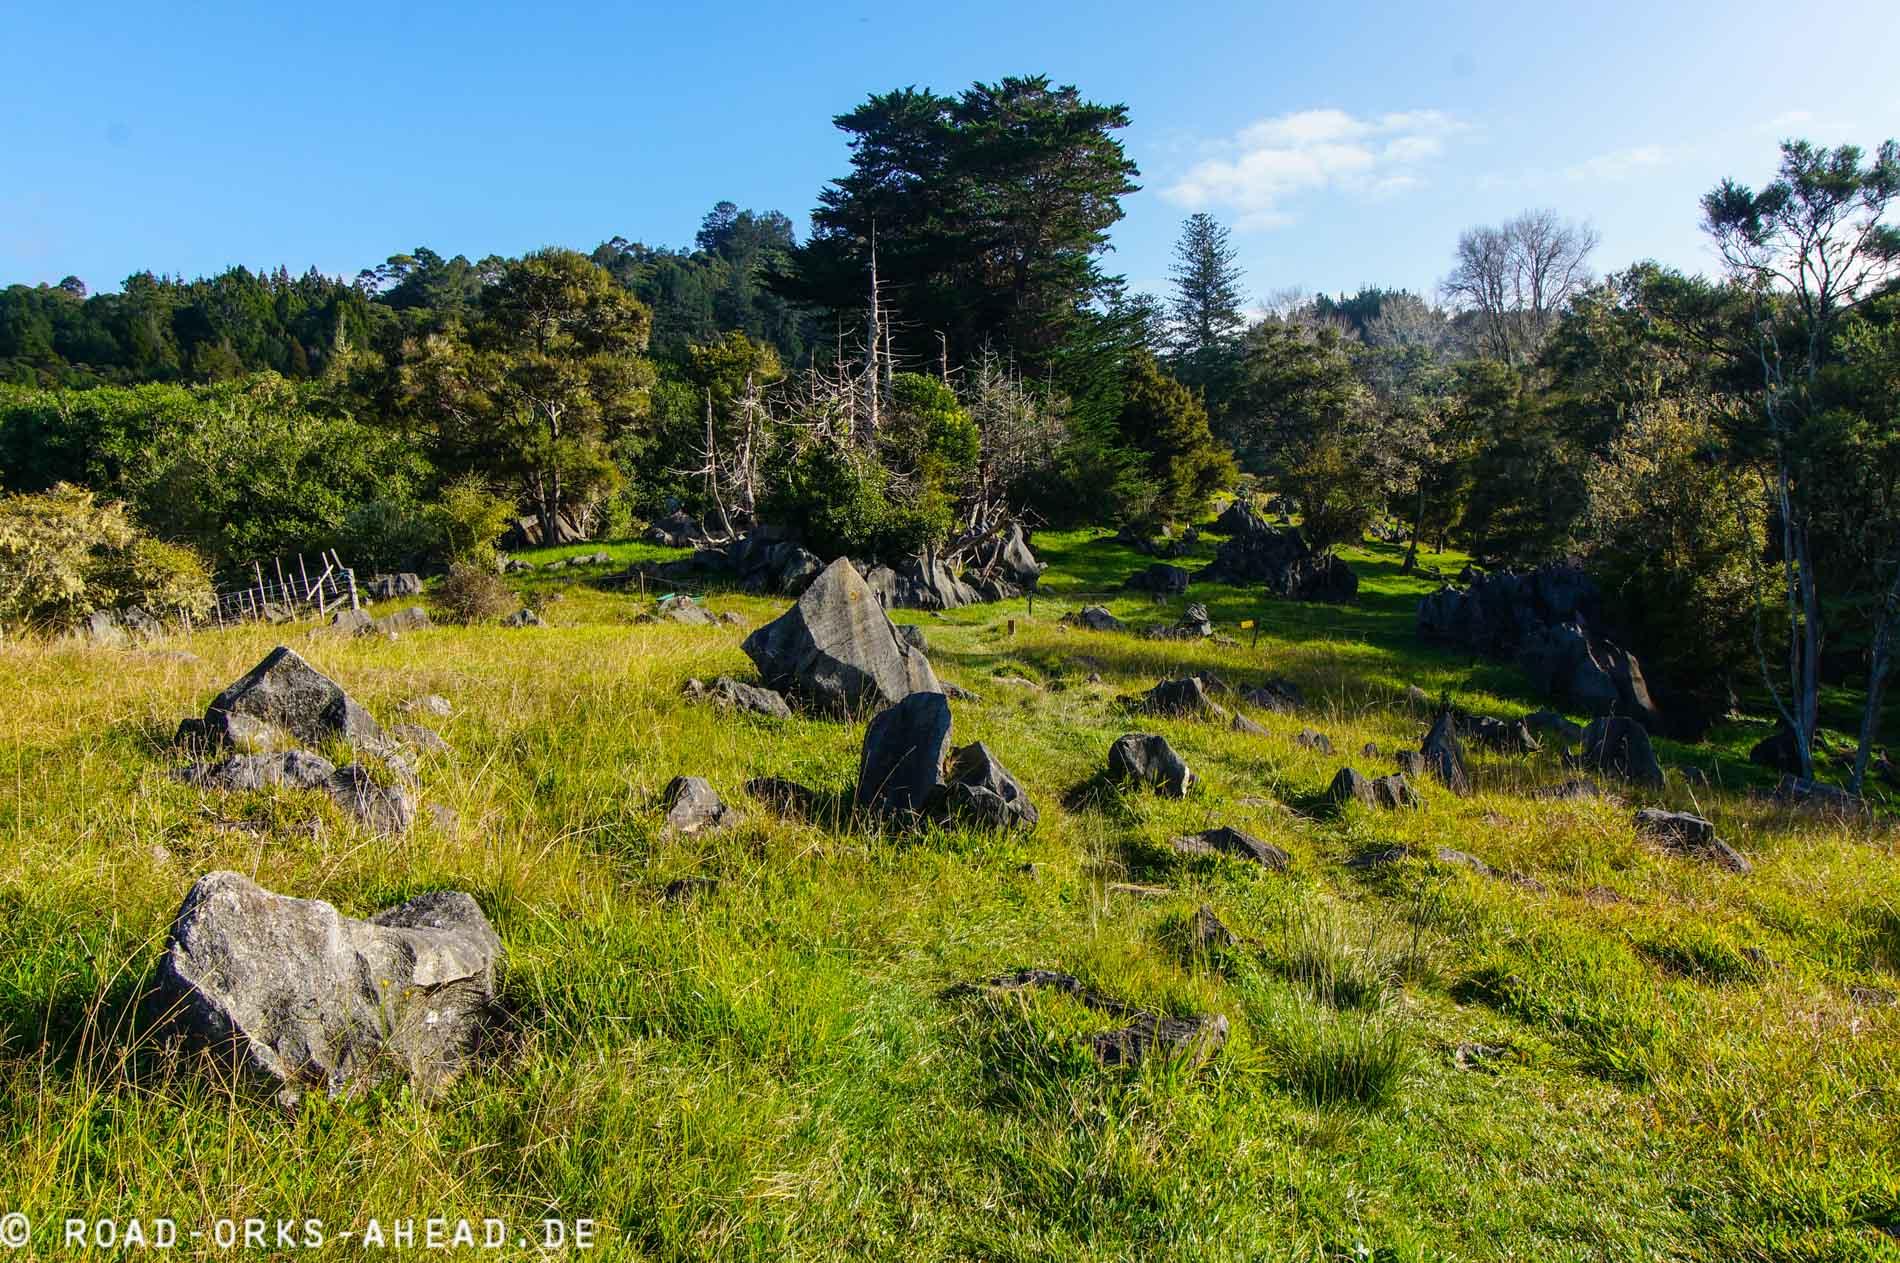 Wanderung um die Abbey Caves